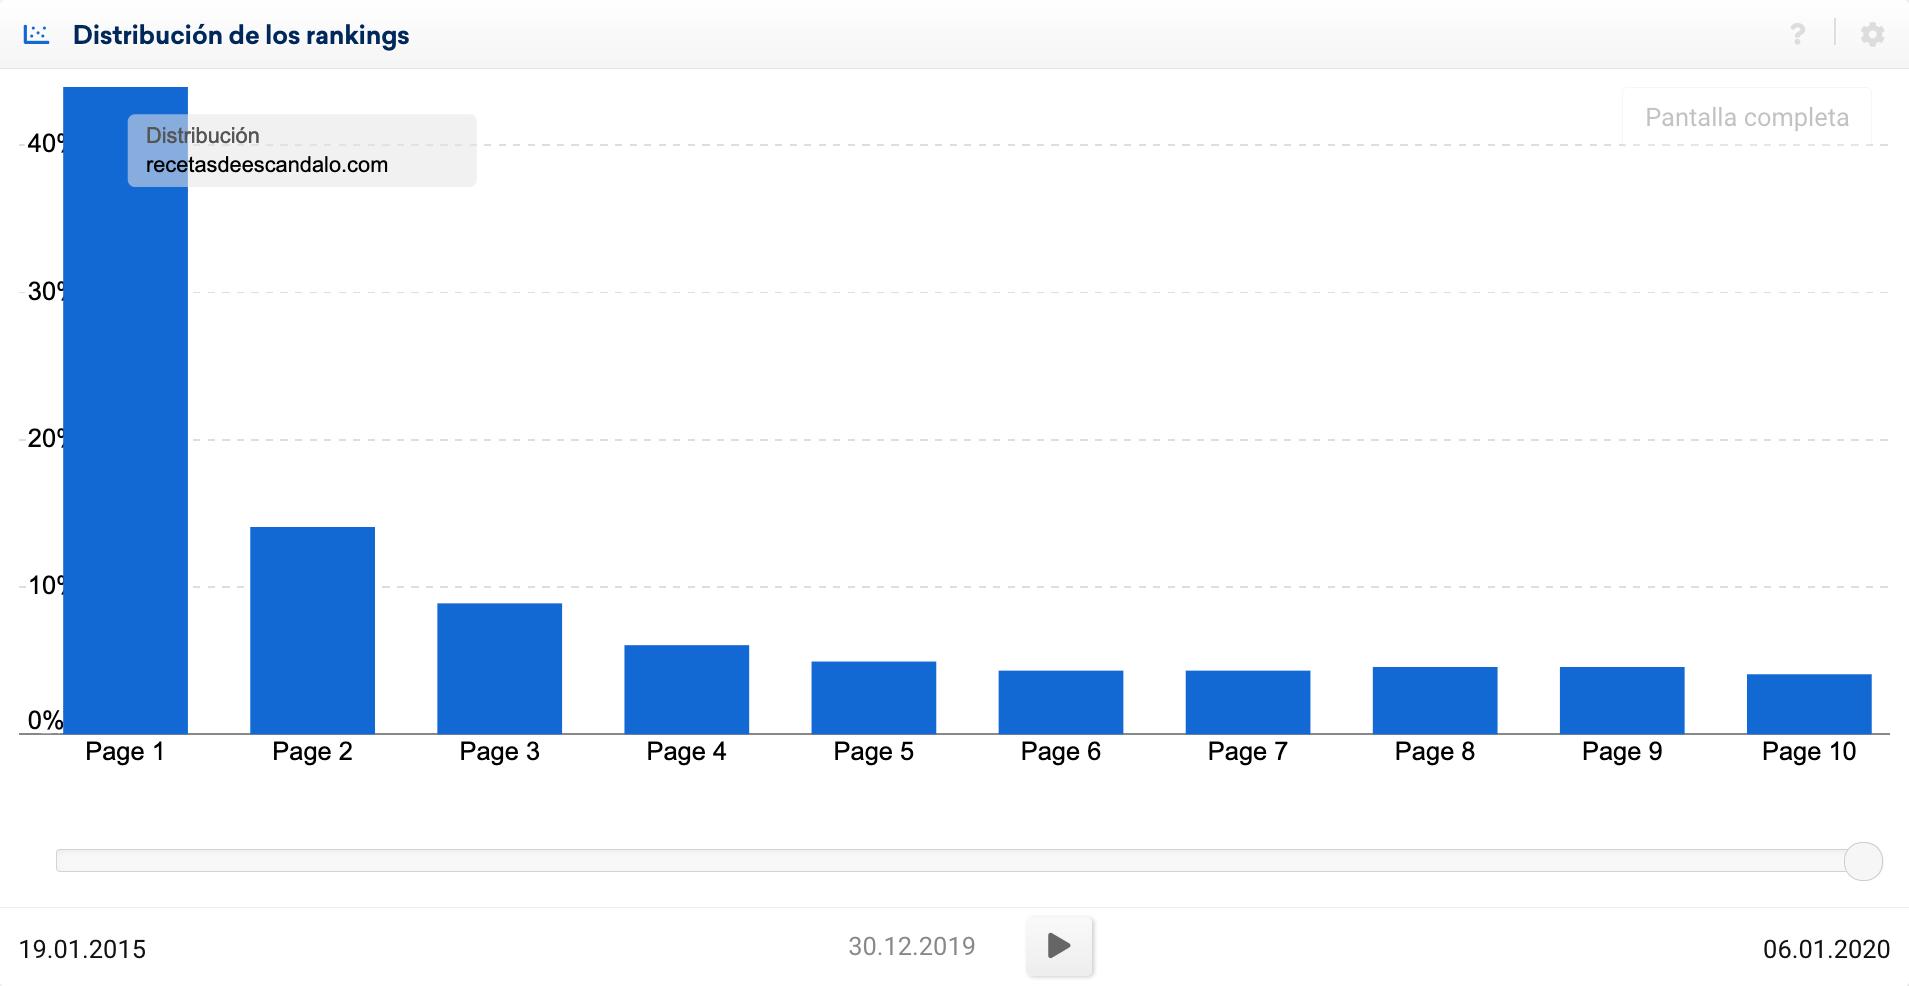 Distribución de rankings de recetasdeescandalo.com